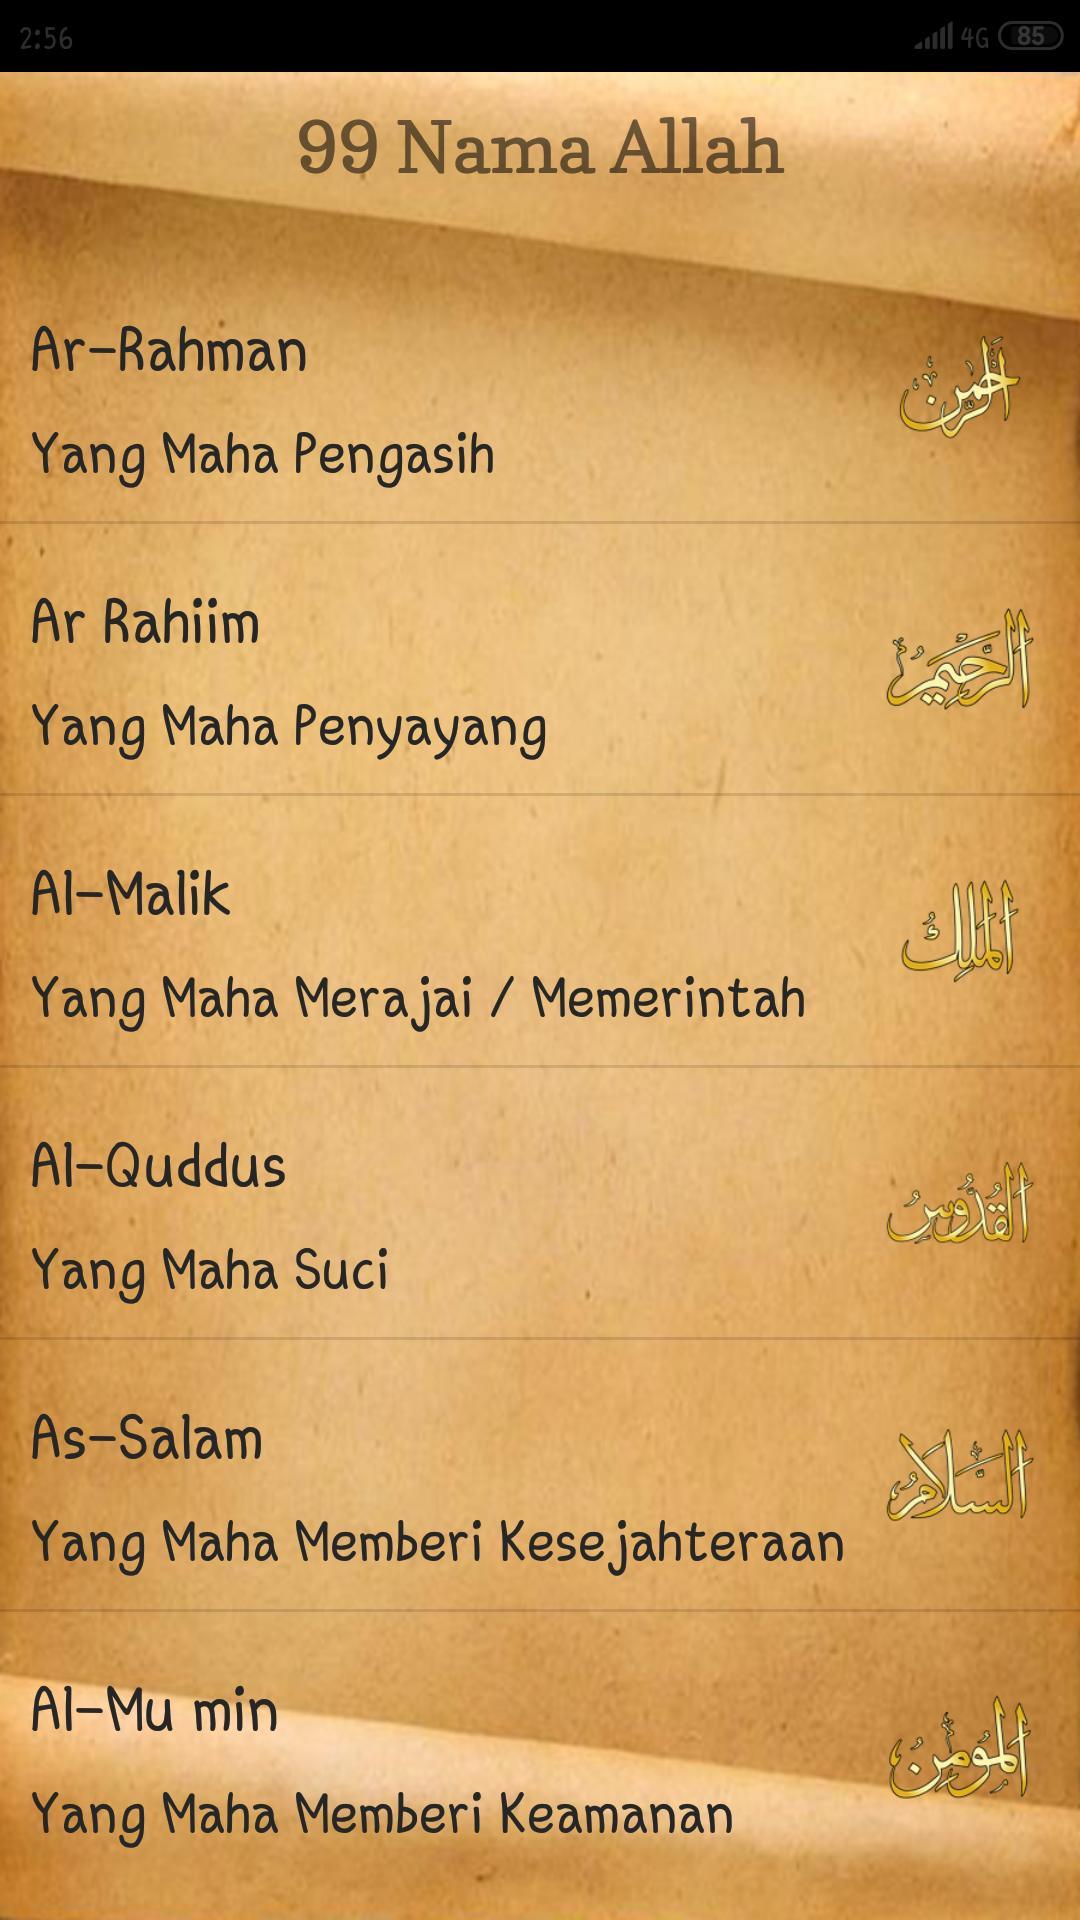 Asmaul Husna 99 Nama Allah For Android Apk Download